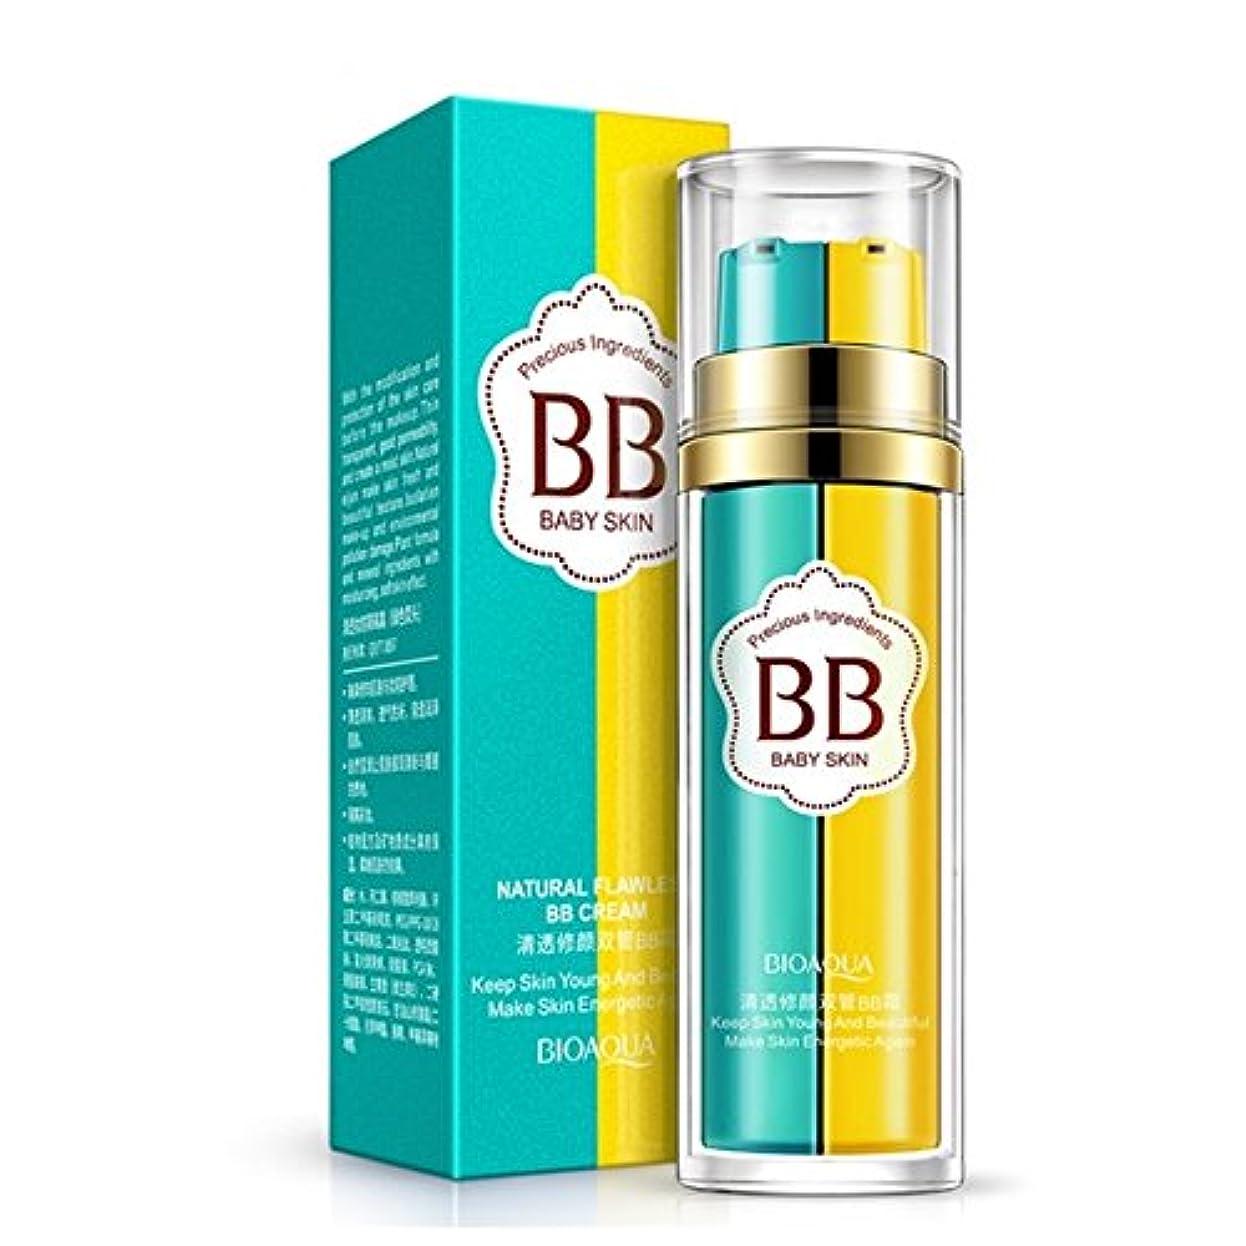 間違い交通渋滞すでにFace Double BB Cream Concealer Moisturizing Nourish Brighten BB Cream Natural Nude Makeup Long-Lasting Not Easy...